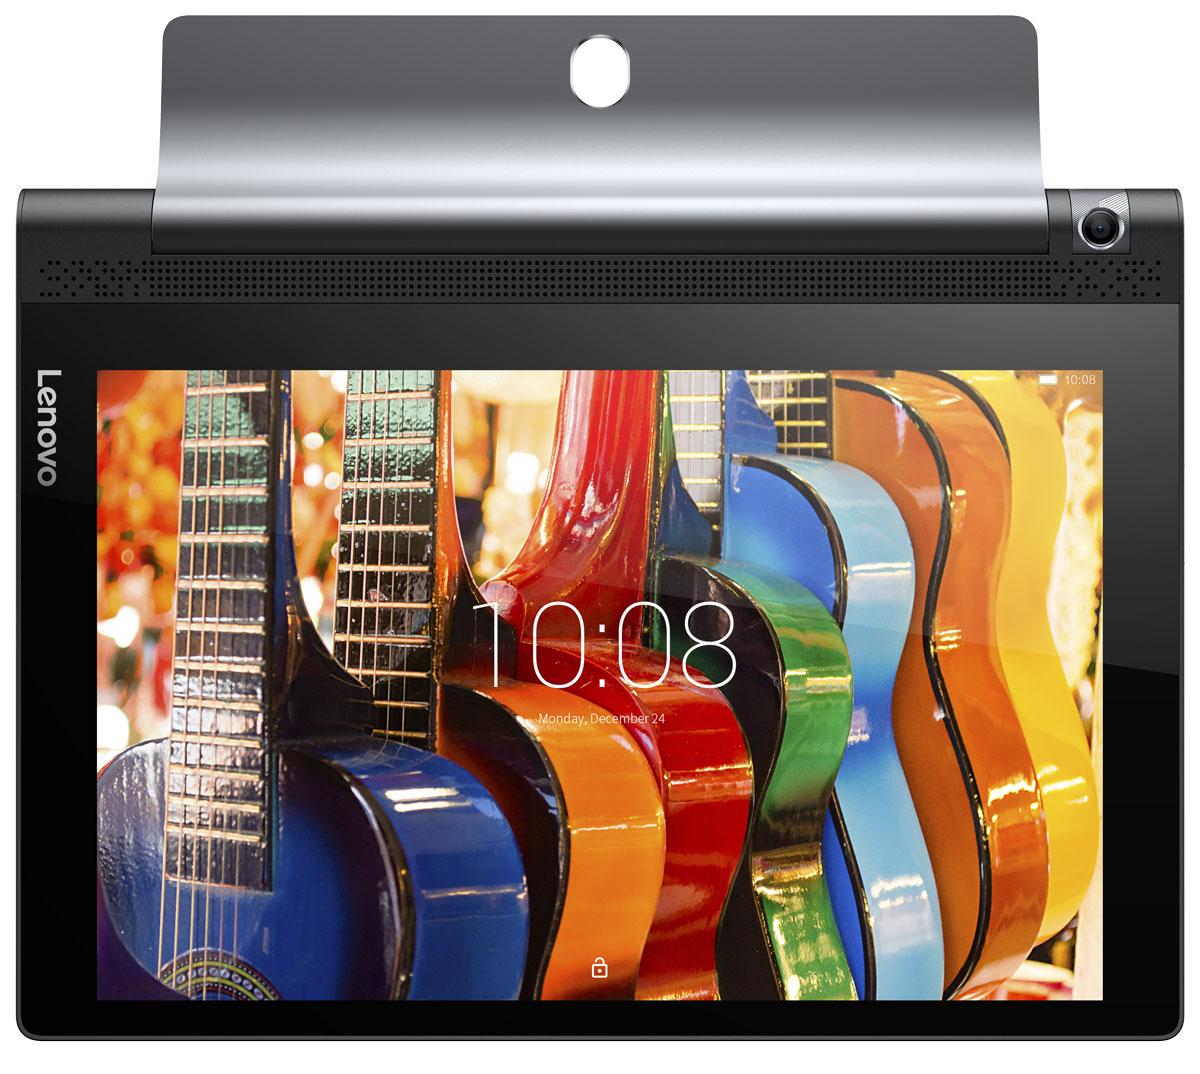 Lenovo Yoga Tab 3 10 (YT3-X50M), BlackZA0K0021RUПросматривайте рецепты, когда готовите, проверяйте новости в социальных сетях во время обеда и смотрите фильмы во время тренировок. В инновационной конструкции планшета Lenovo Yoga Tab 3 цилиндрический аккумуляторный блок и подставка расположены сбоку устройства, благодаря чему центр тяжести смещен и устройство можно использовать в различных режимах: книга, клавиатура, консоль и картина.HD-разрешение экрана планшета Lenovo Yoga Tab 3 превращает его в идеального помощника для игр и веб-серфинга. Невероятная яркость обеспечивает отличное качество изображения под любым углом просмотра и при любом освещении. Изображение в играх четкое, а видео просто приятно смотреть.Lenovo Yoga Tab 3 обеспечивает насыщенный объемный звук уровня домашнего кинотеатра, которым не может похвастаться ни один планшет. Два встроенных фронтальных динамика дарят мощное объемное звучание благодаря поддержке технологии Dolby Atmos. Громкий, чистый и живой звук — даже без наушников!Попробуйте новые возможности для съемки чудесных фотографий или общения по Skype c новой восьмимегапиксельной камерой планшета Lenovo Yoga Tab 3, способной поворачиваться на 180 градусов и обеспечивающей высокую четкость изображений. Система контроля жестами позволит вам принять нужную позу и сделать снимок, просто взмахнув рукой.Lenovo Yoga Tab 3 работает все дольше благодаря аккумулятору, бьющему все рекорды времени автономной работы. С возможностью работы до 18 часов без подзарядки вы сможете посмотреть два сезона вашего любимого сериала от начала и до конца.Технология Lenovo AnyPen определяет любое токопроводящее устройство в качестве стилуса. Это очень удобно, когда вы используете планшет для записи заметок, зарисовок или просто не хотите пачкать экран грязными руками!Lenovo Yoga Tab 3 обеспечивает поддержку высокоскоростных сетей 4G-LTE для мобильной передачи данных исети Wi-Fi для стабильного подключения на большом расстоянии.Планшет сертифицирован EAC и имеет русиф